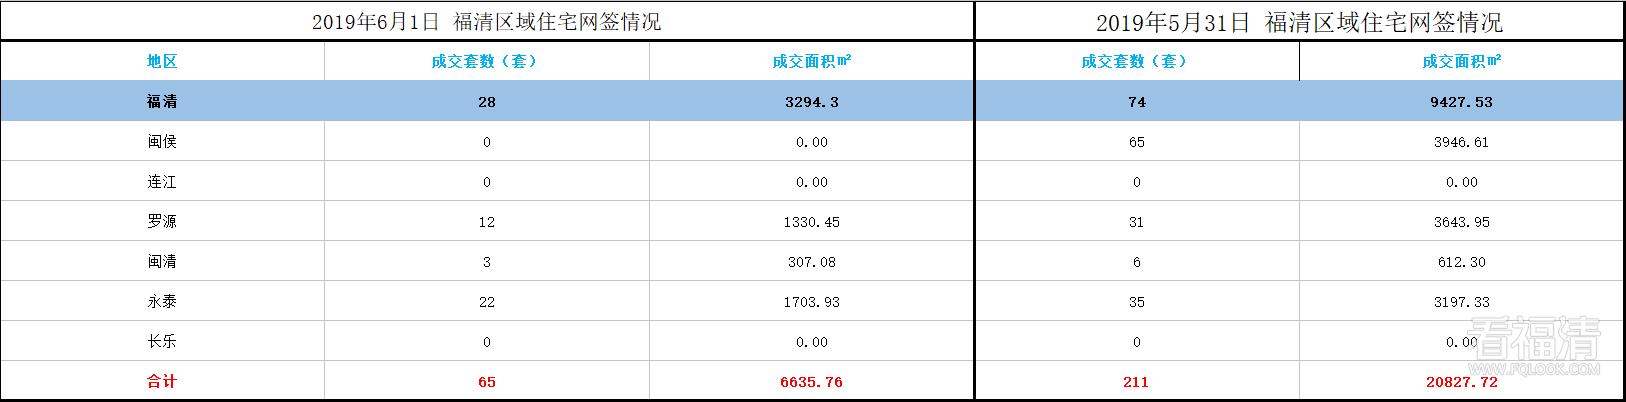 福清市2019年6月份区域住宅网签情况